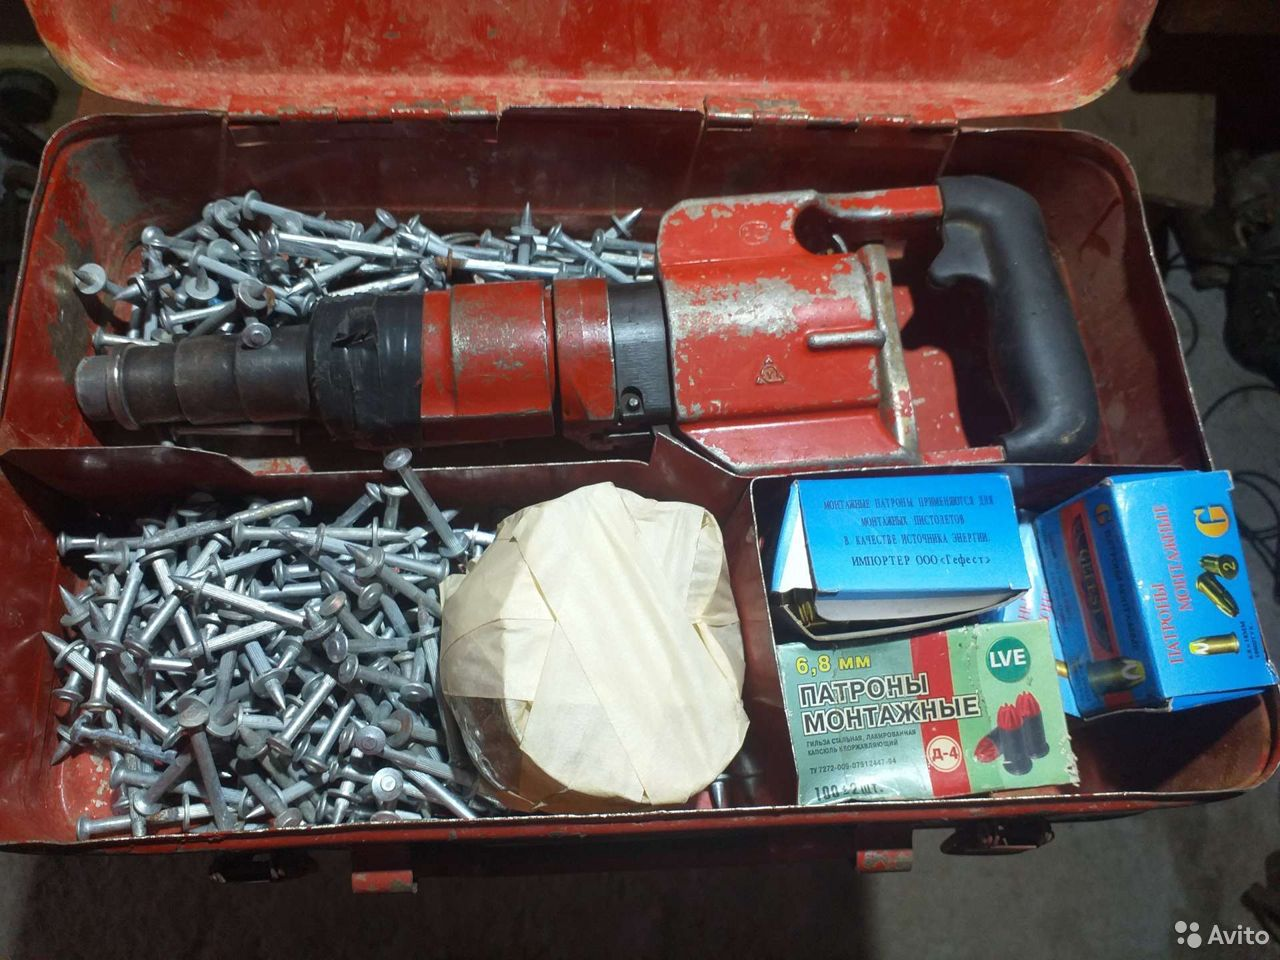 Пистолет монтажный  89538159009 купить 1